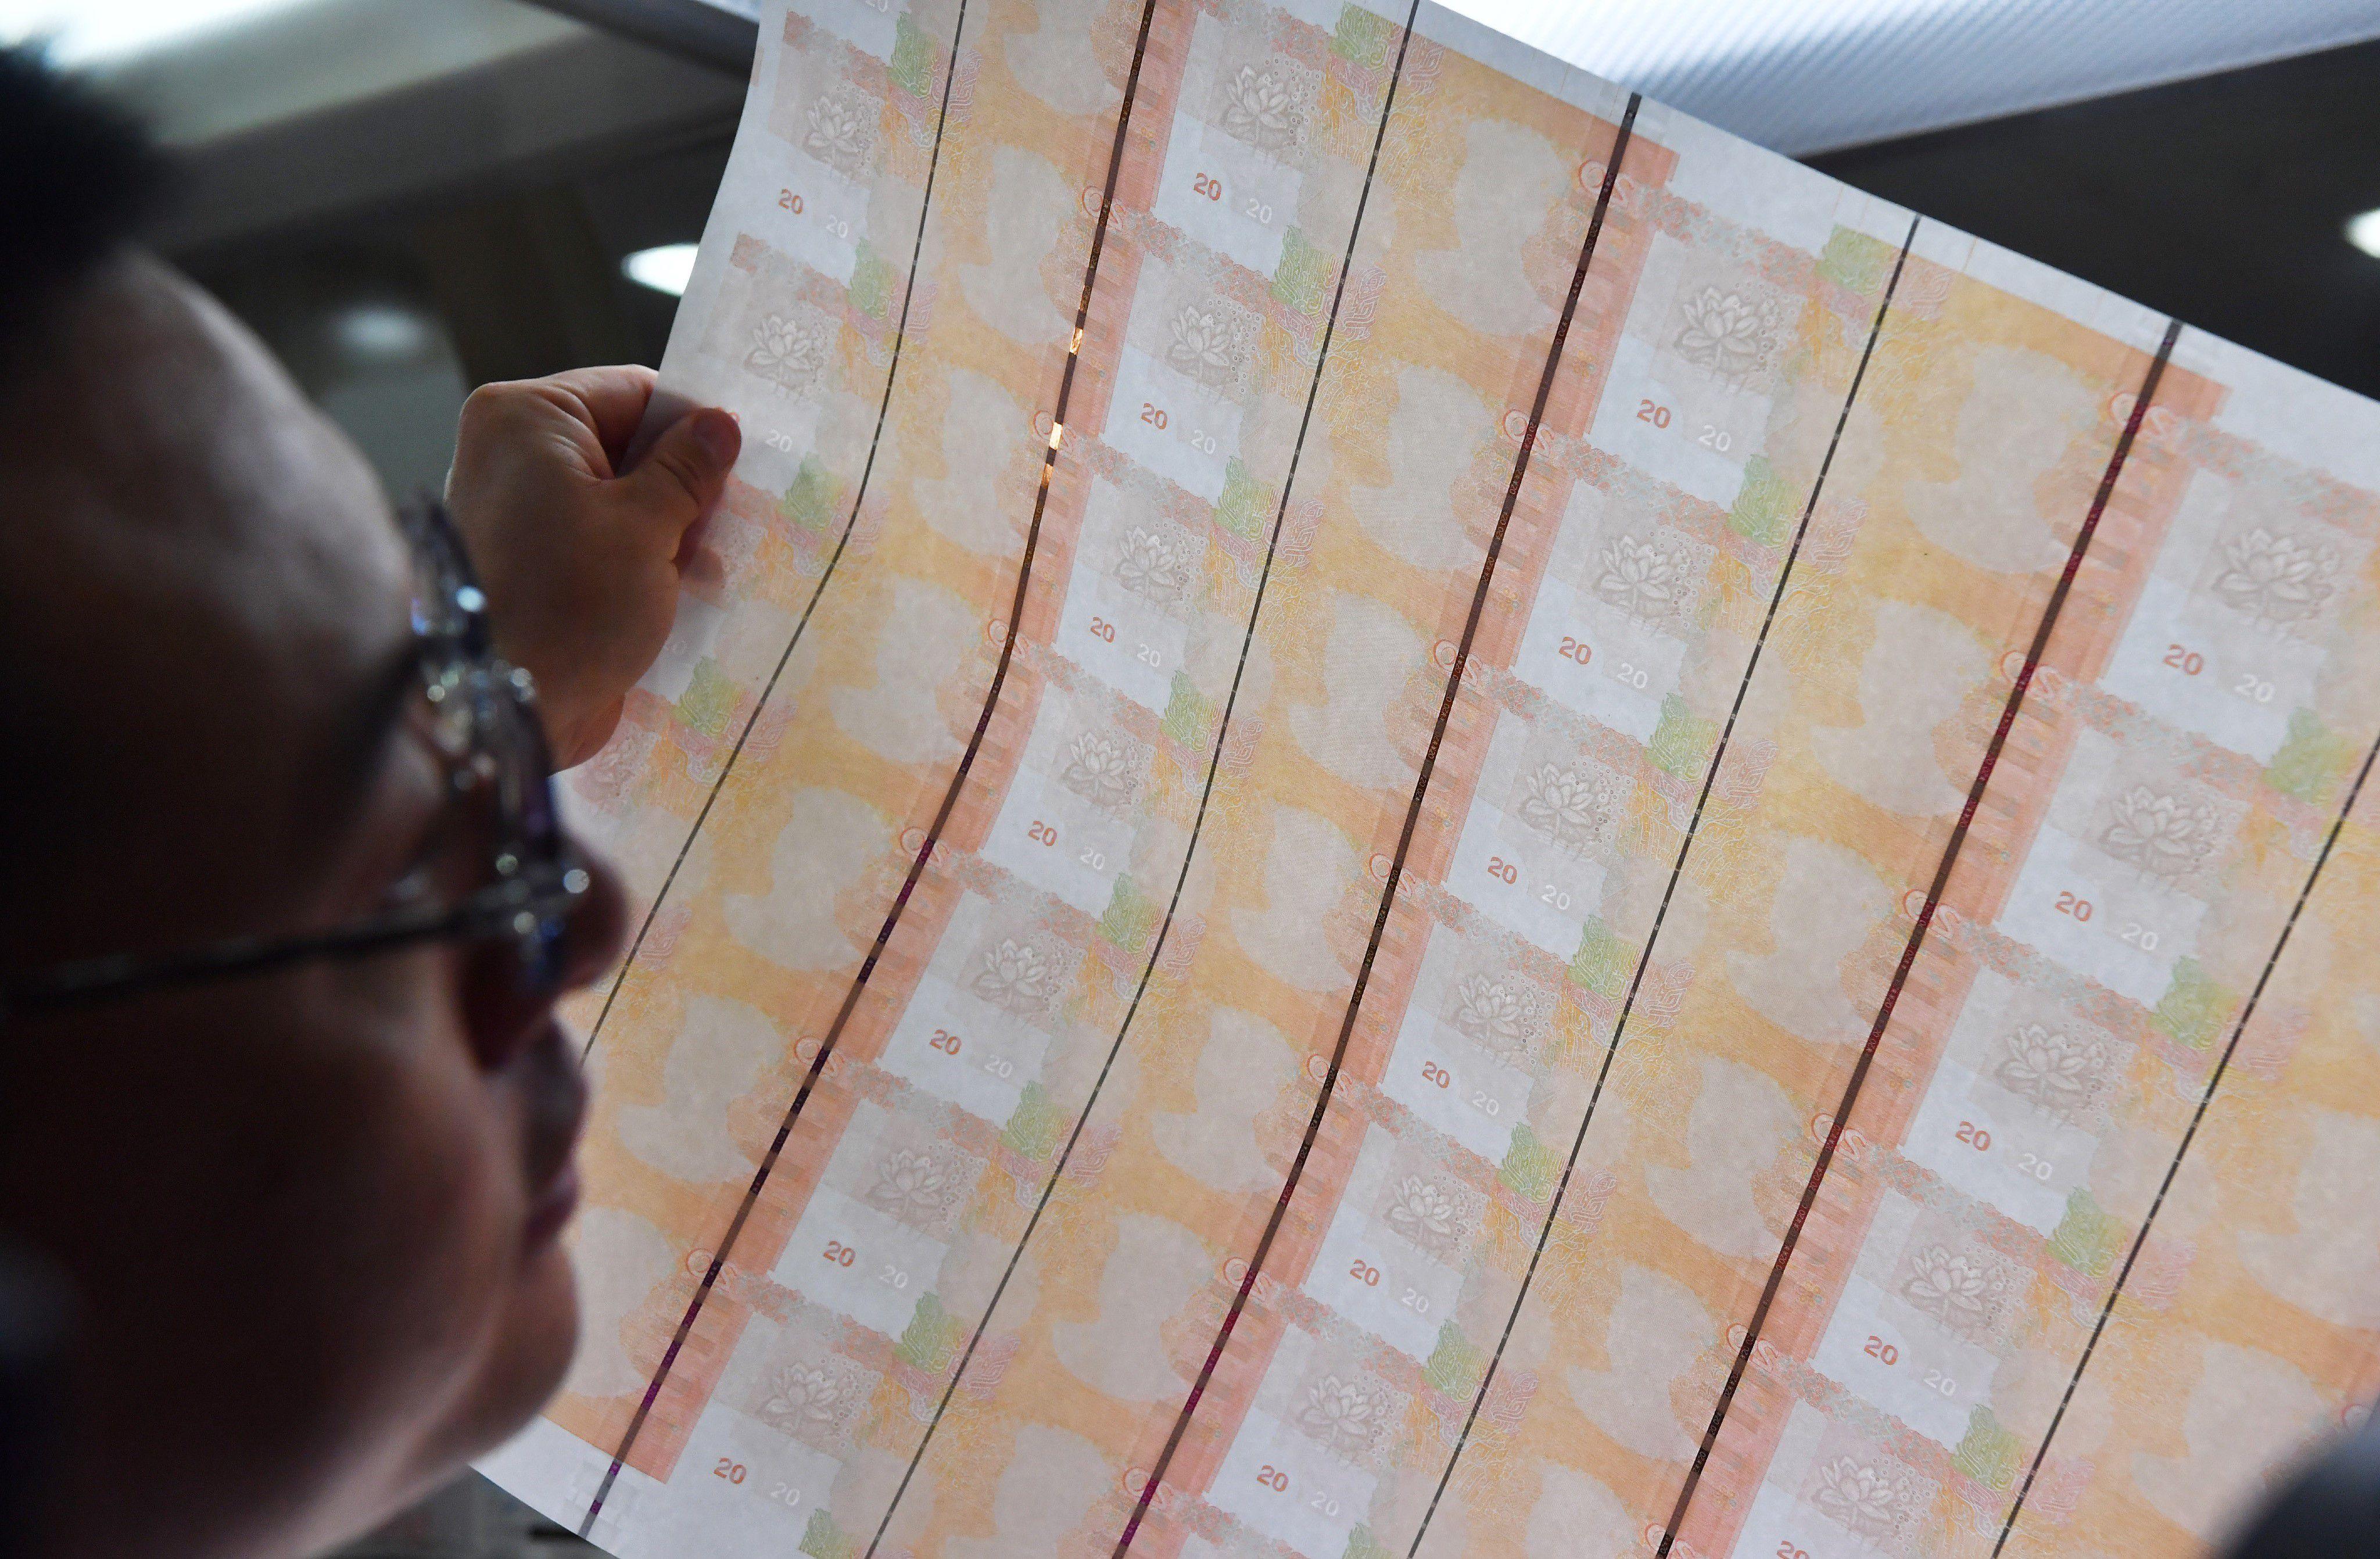 财经郎眼:探访印钞厂:一张白纸是如何变身钞票的